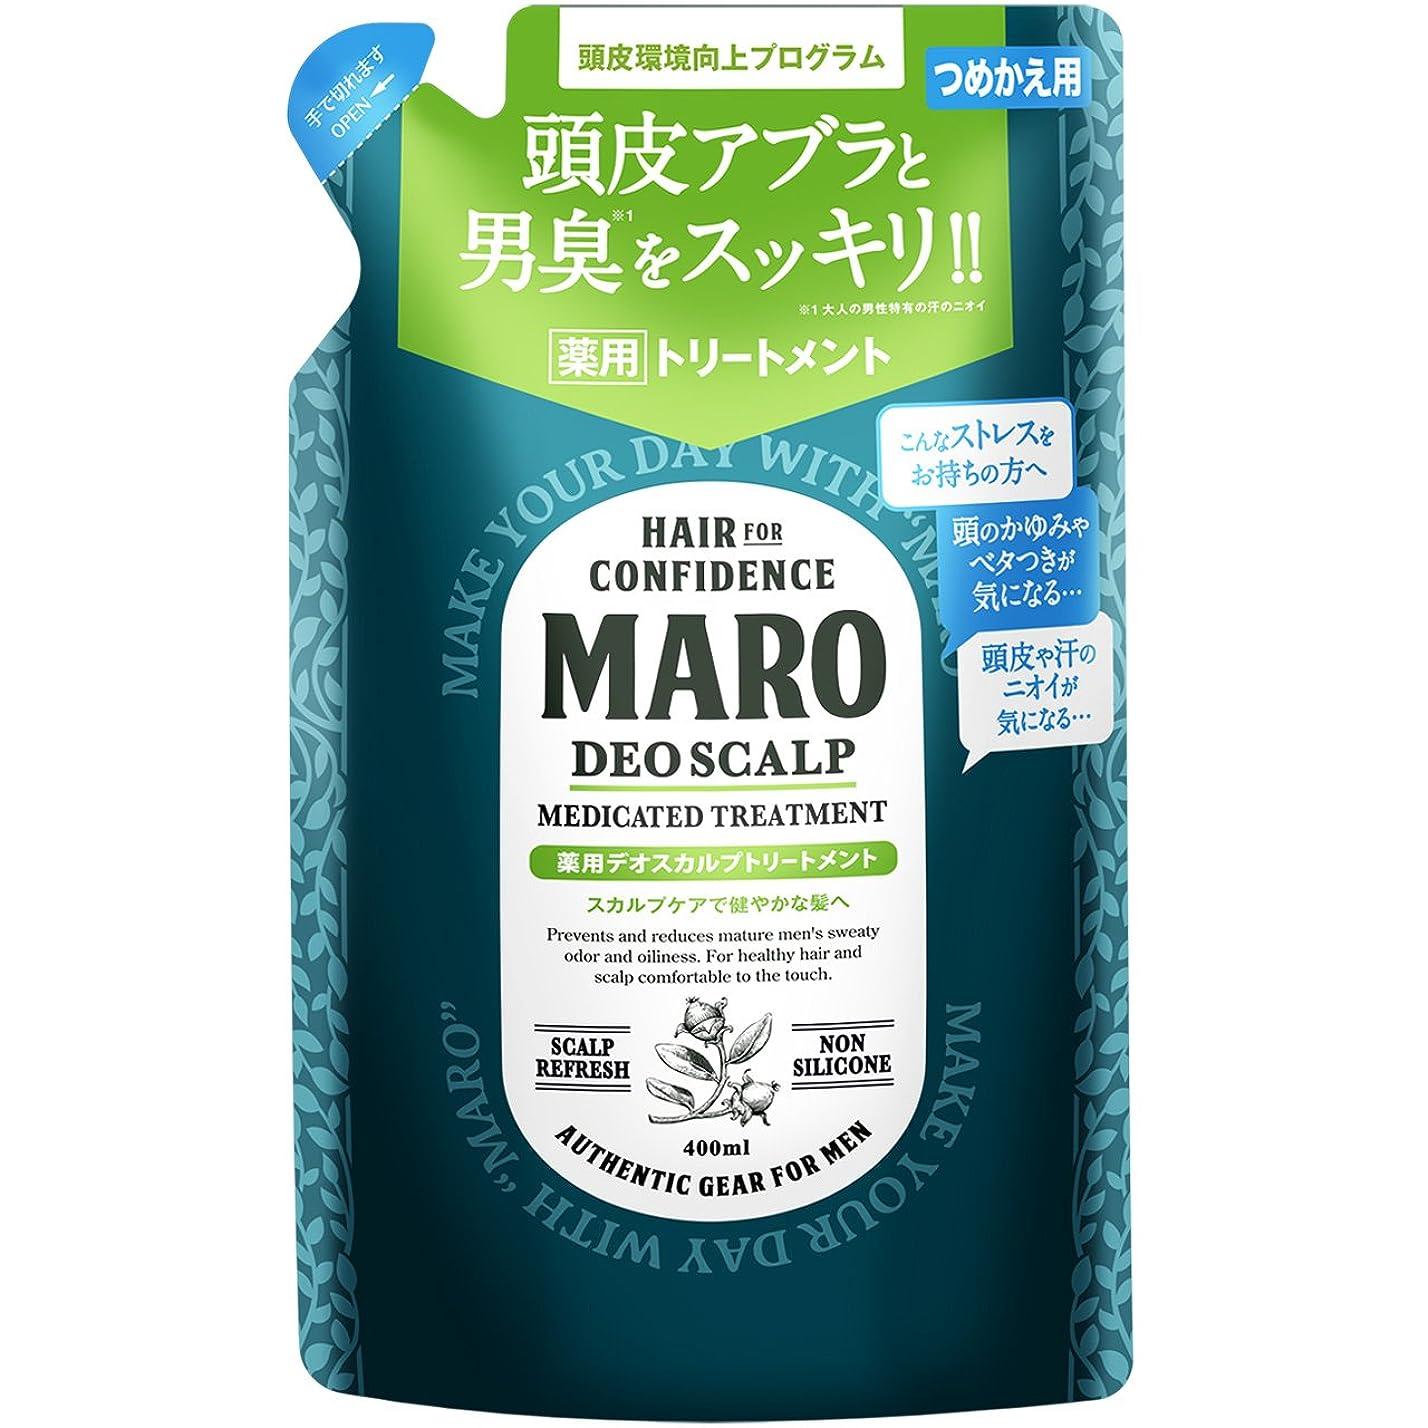 徹底演じるこっそりMARO 薬用 デオスカルプ トリートメント 詰め替え 400ml 【医薬部外品】